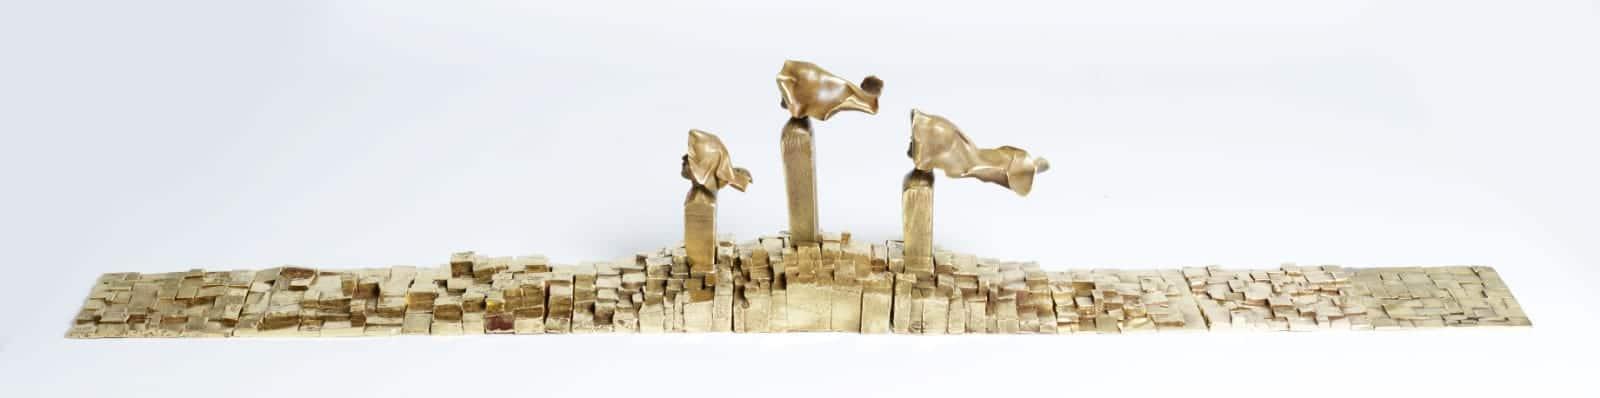 Sculpture bronze Tournaire Paris Mobilier Haute Couture